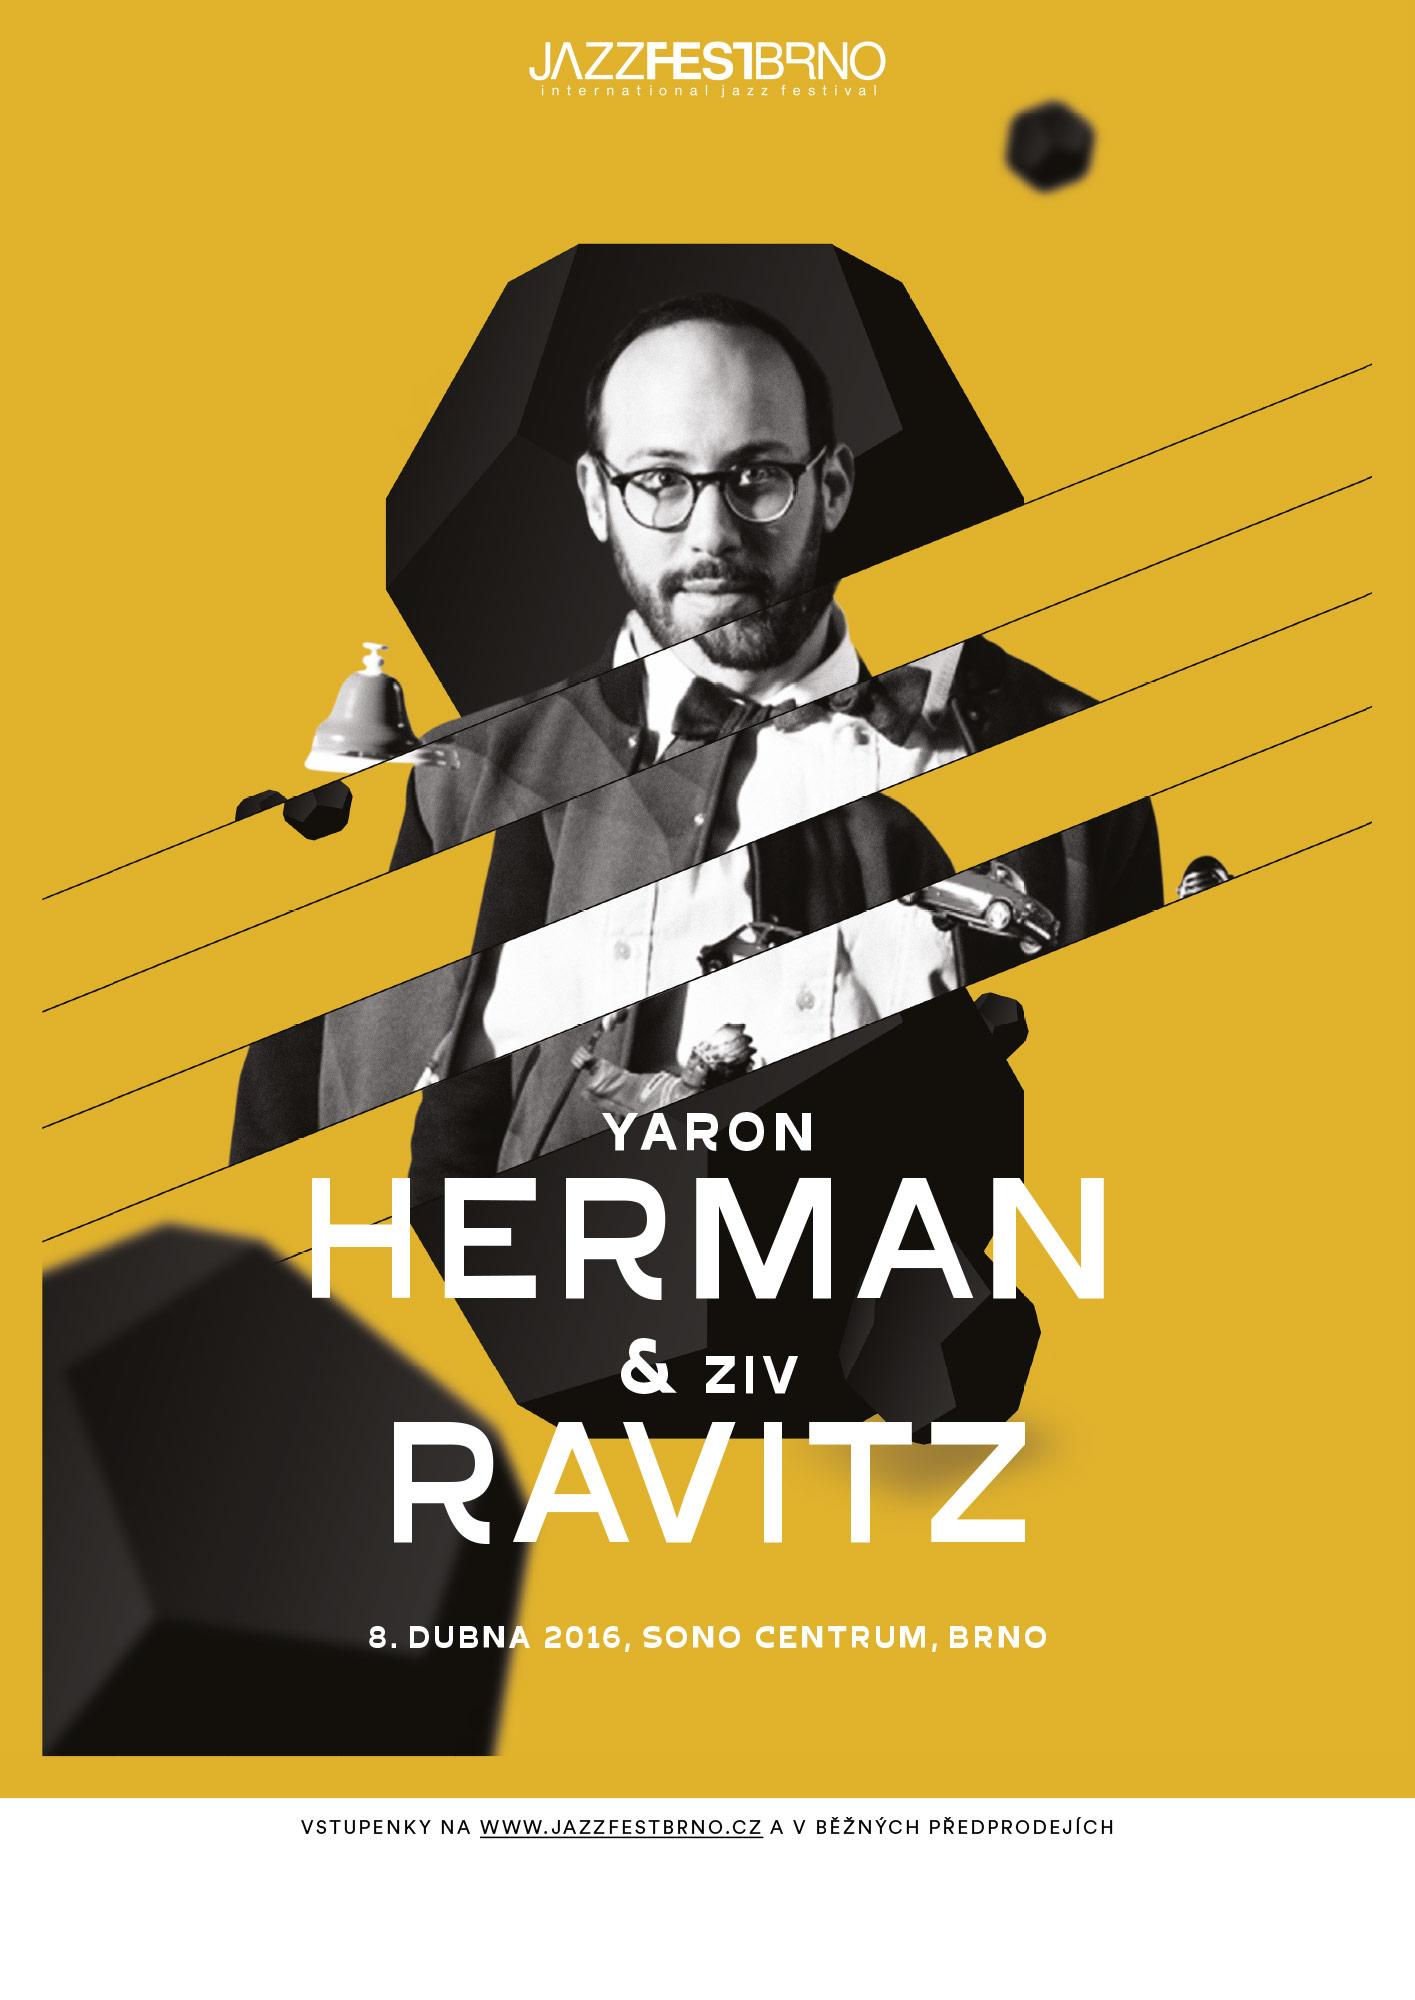 Jazzfestbrno 2016 - Yaron Herman & Ziv Ravitz